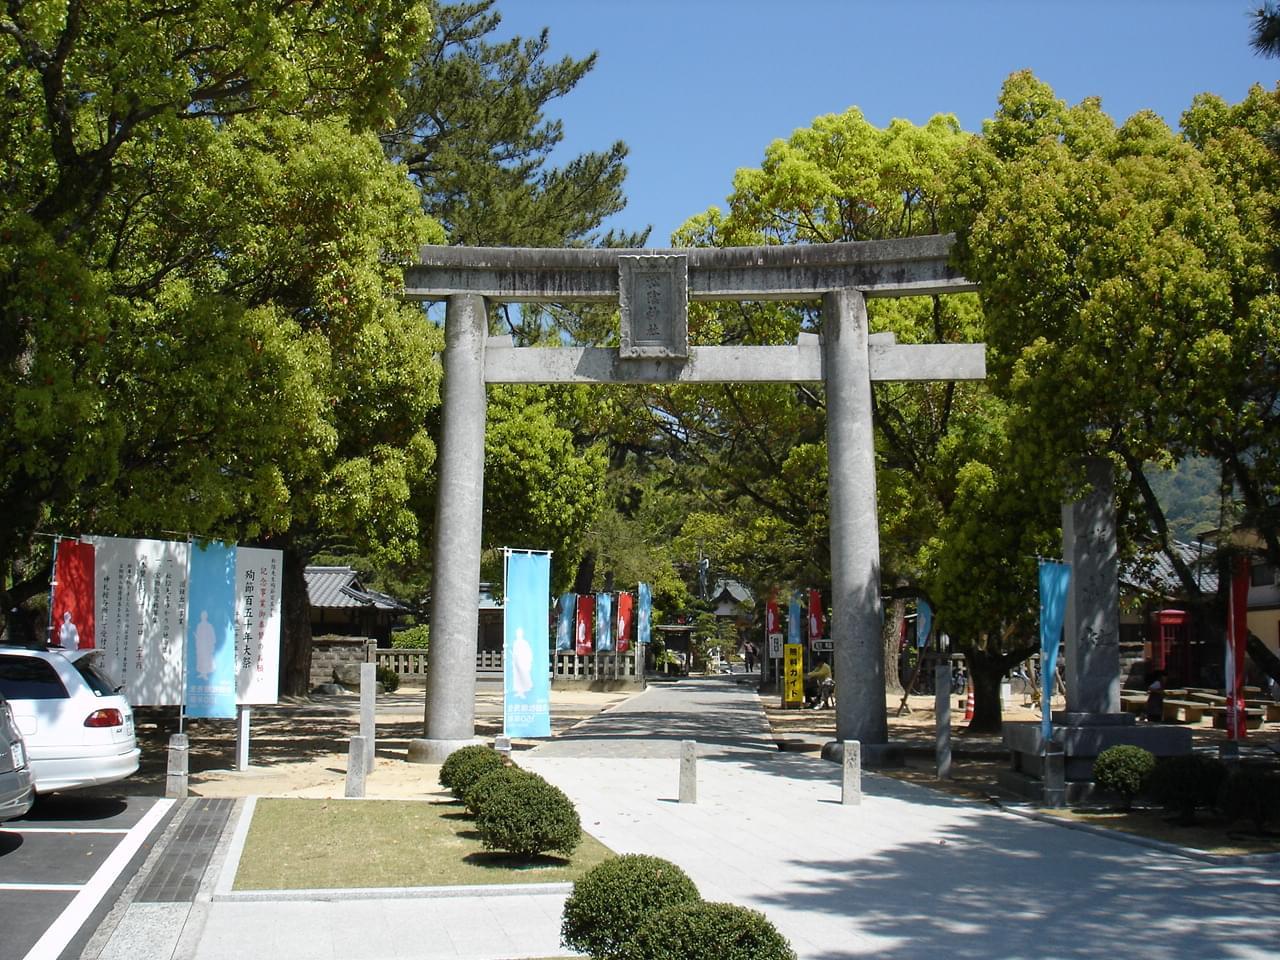 山口県萩市で幕末ロマン満喫!多くの維新の志士を生んだ萩散策おすすめ8カ所